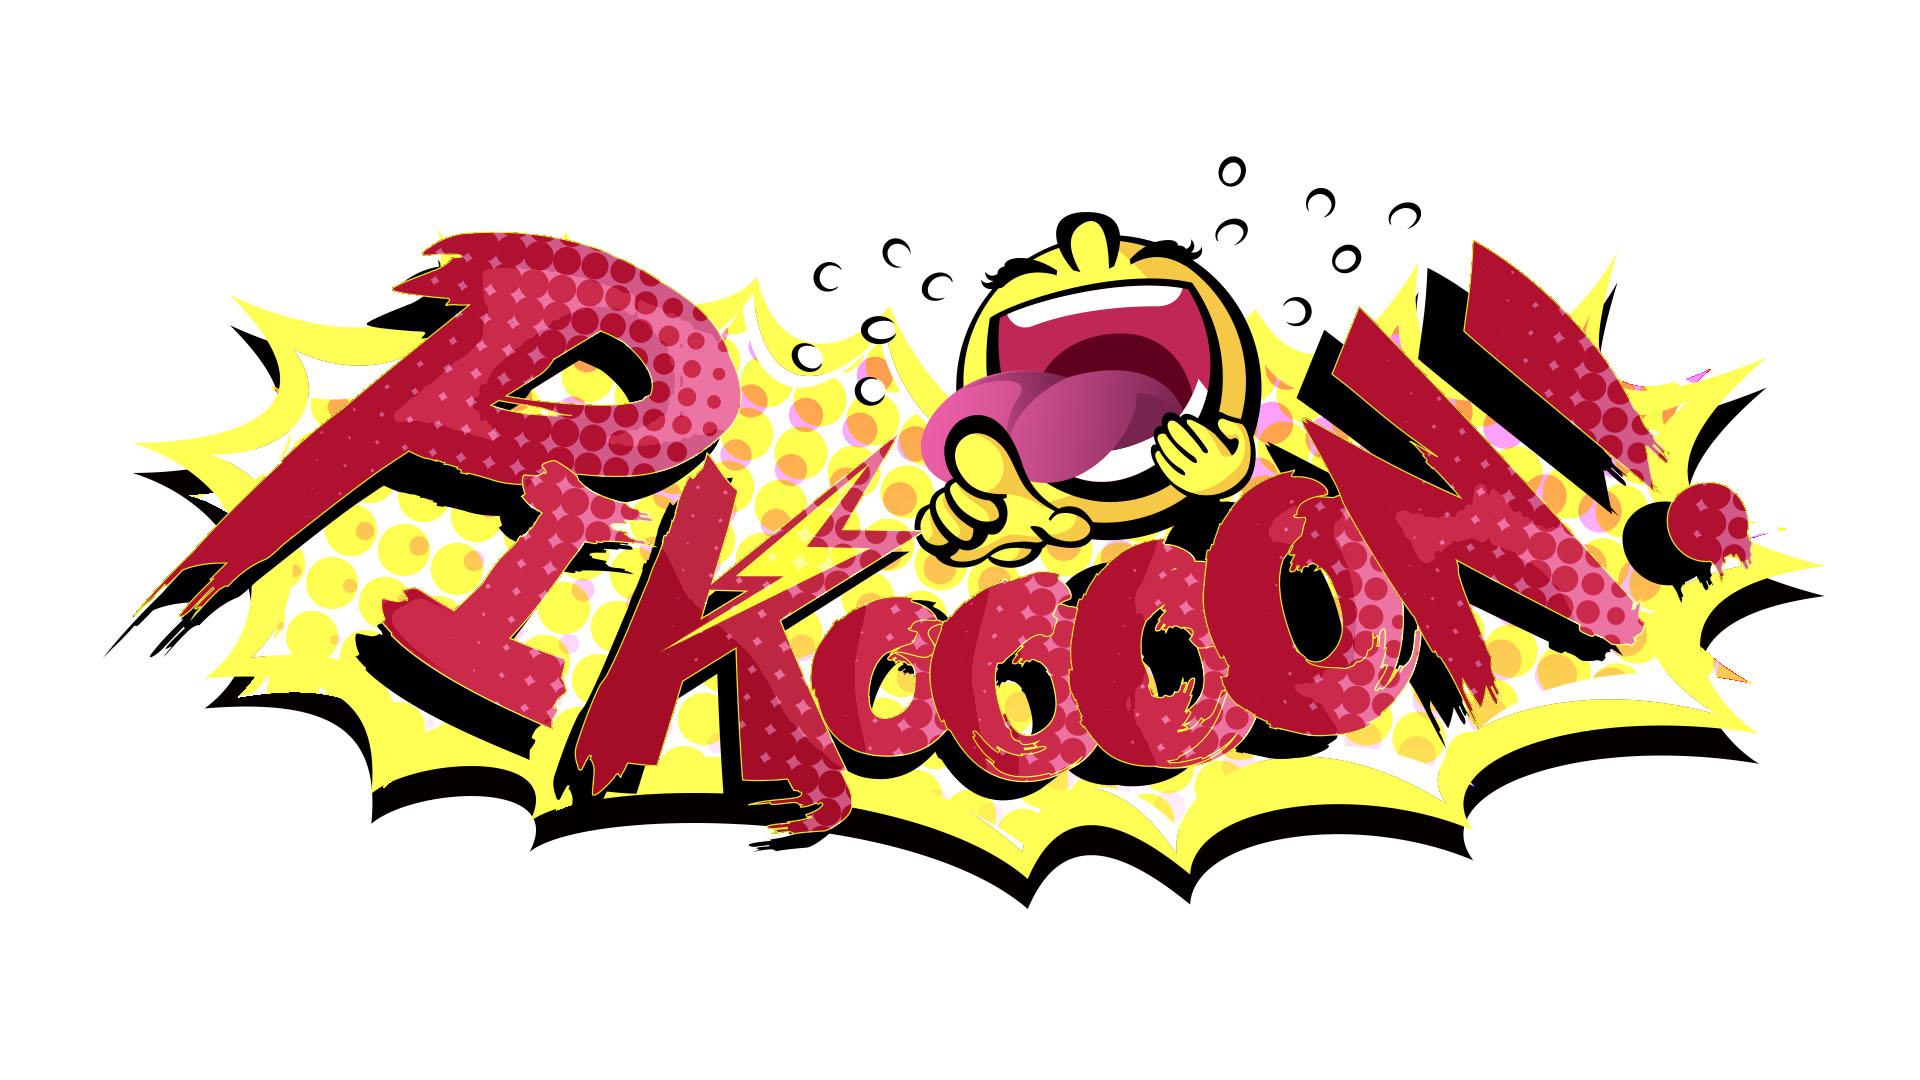 1月1日(金)24:40 O.A.<br>フジテレビ「一般人、全員笑わせたら勝ち PIKOOOON!」